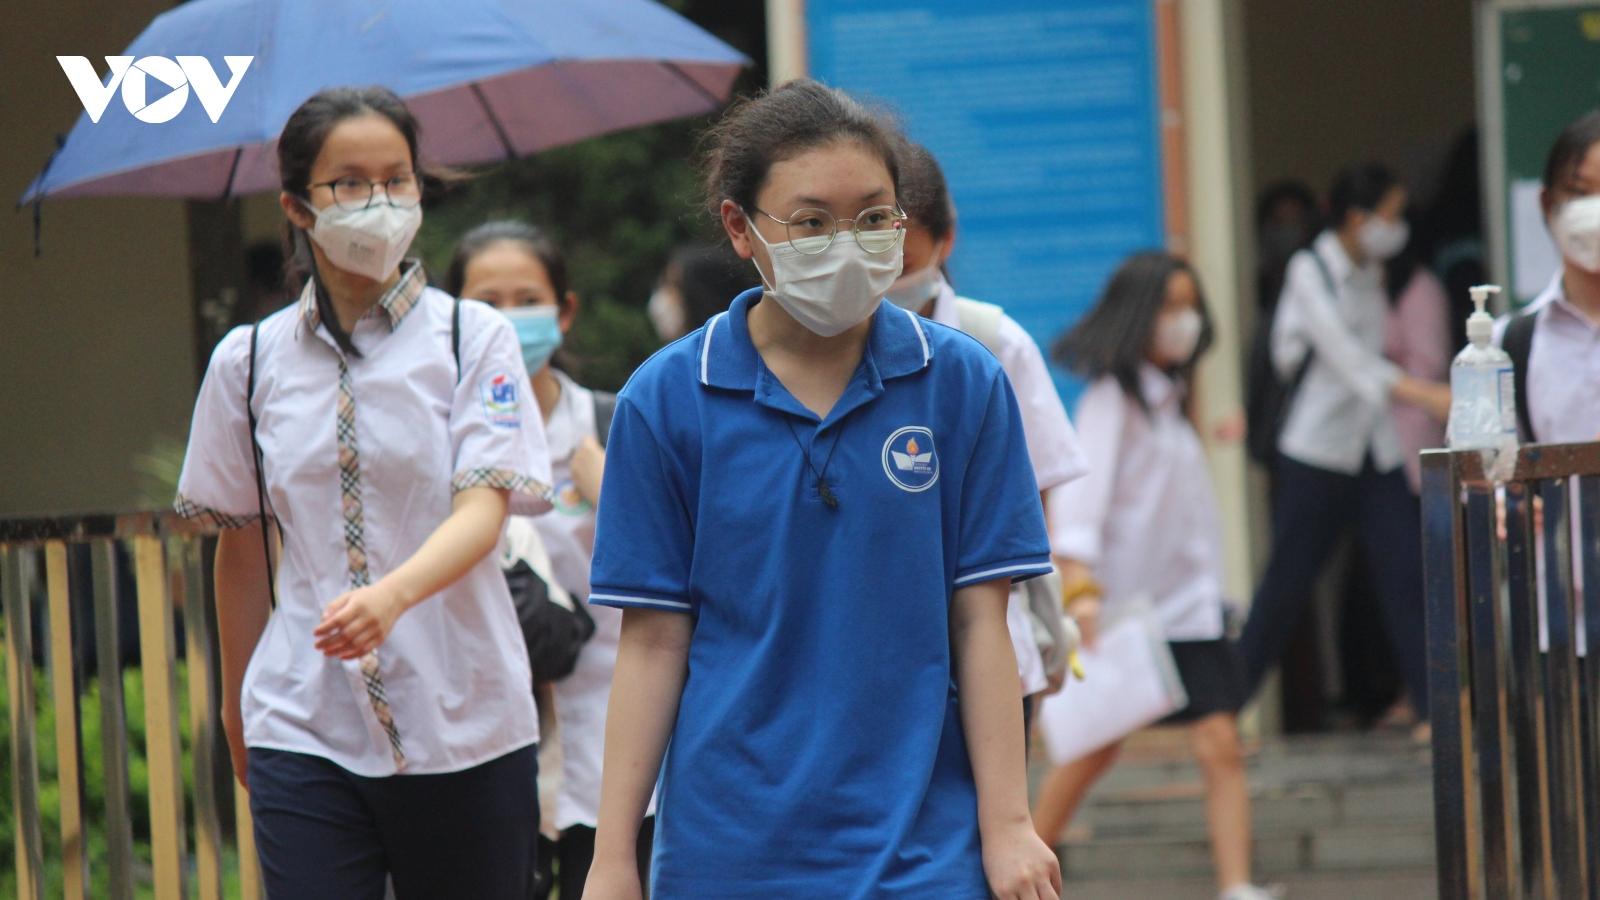 Hướng dẫn giải chi tiết và đáp án môn Toán thi vào lớp 10 ở Hà Nội